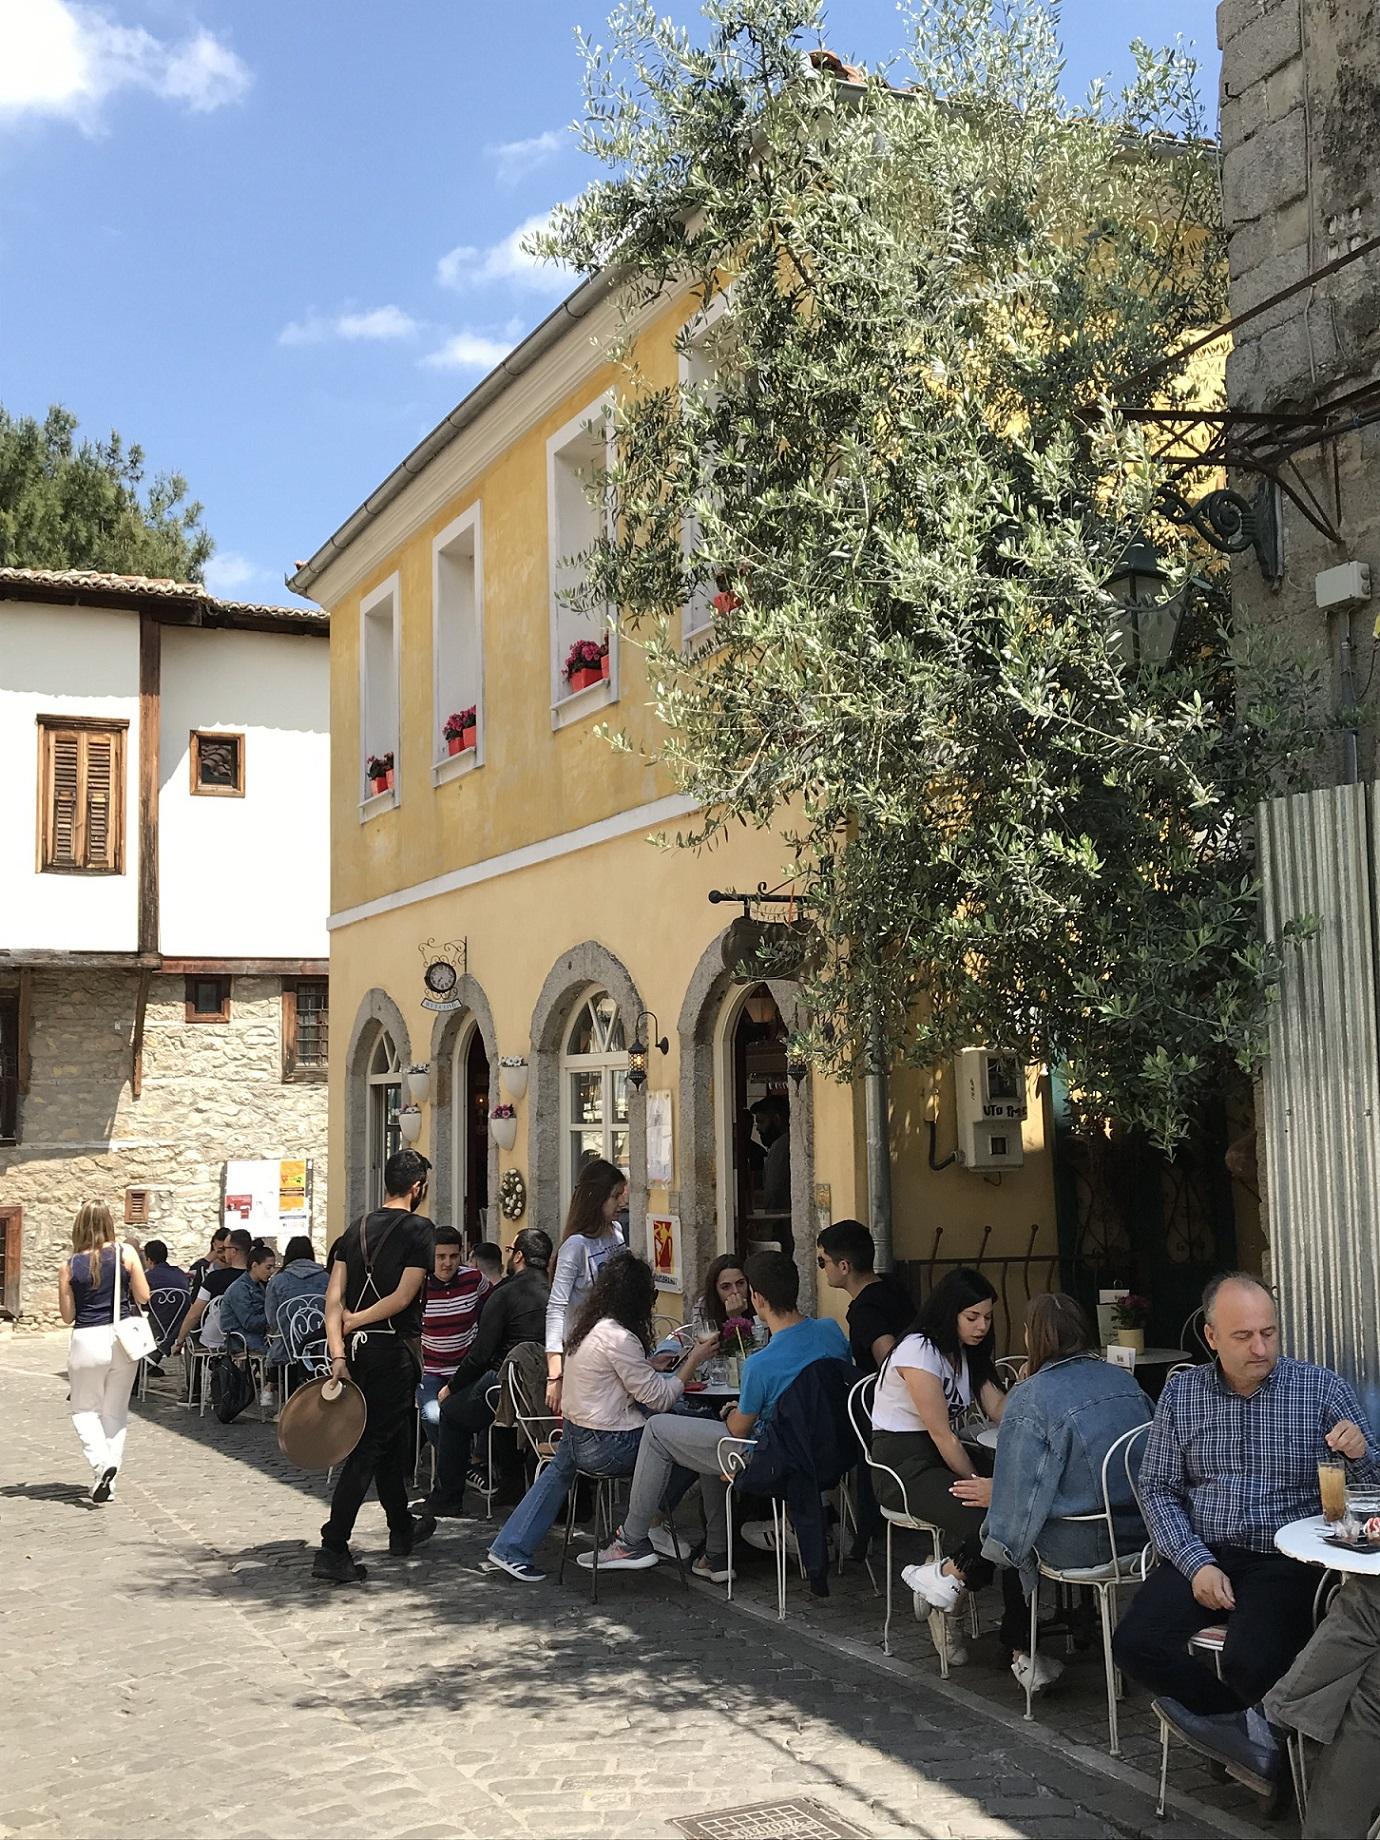 In der Altstadt von Xanthi locken Cafés und Tavernen zum Verweilen ein.